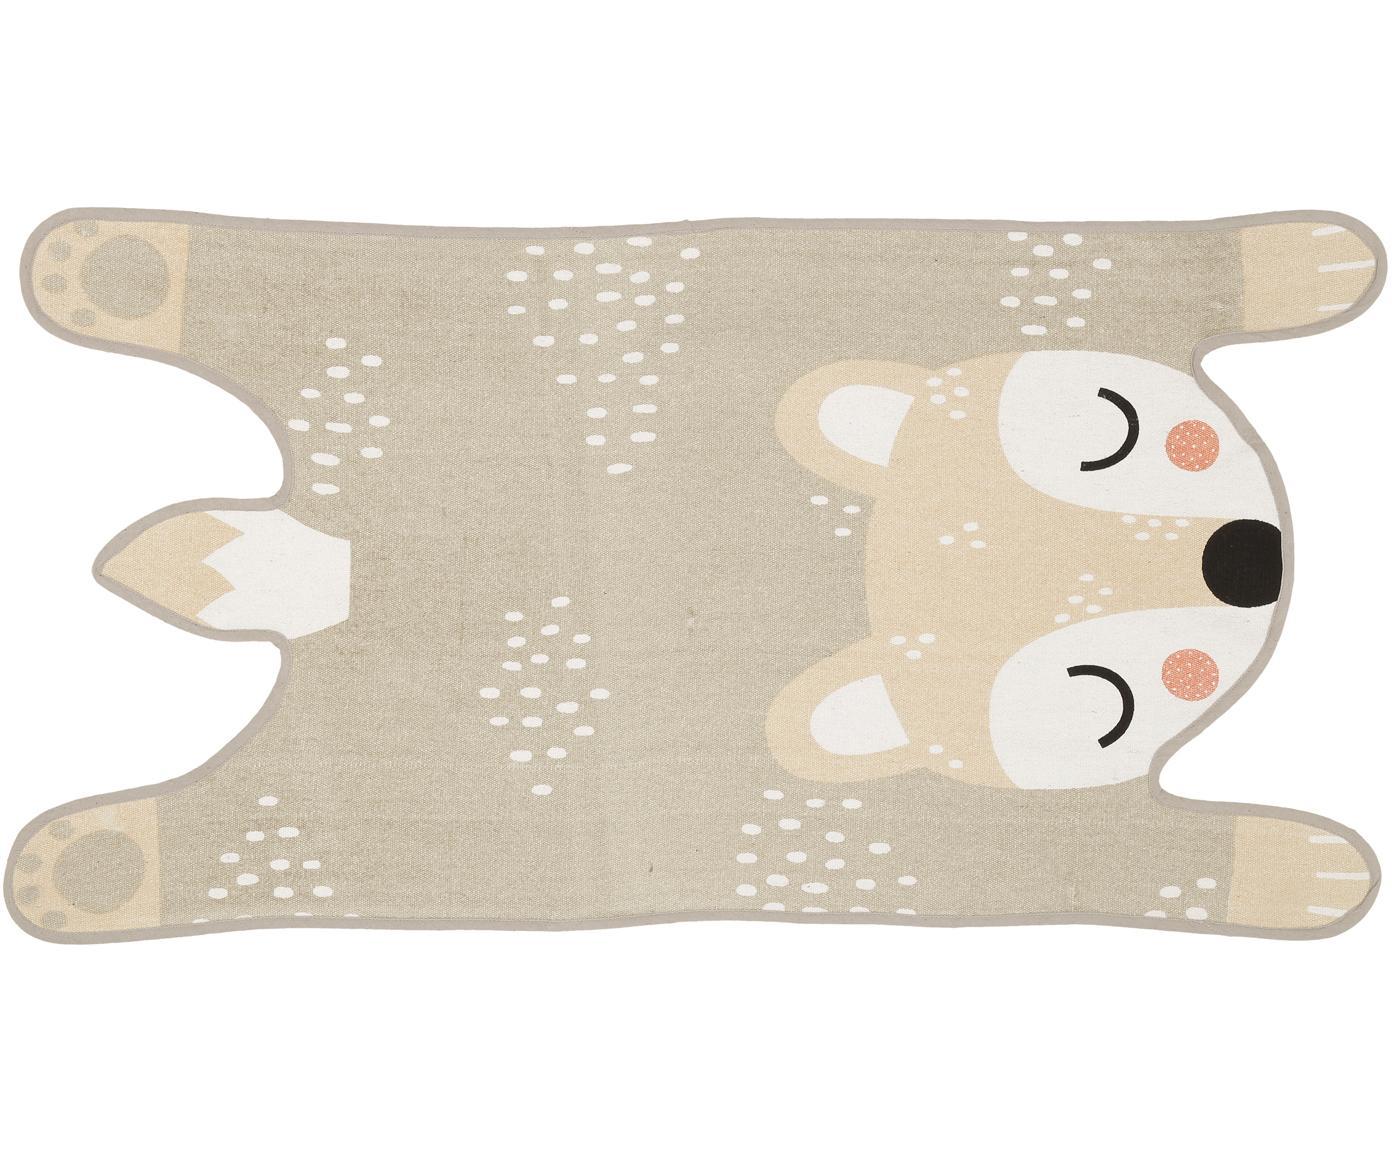 Tappeto orsetto in cotone Bear Bibi, Vello: cotone, Retro: Latex, Beige, crema, nero, rosa, Larg. 62 x Lung. 120 cm